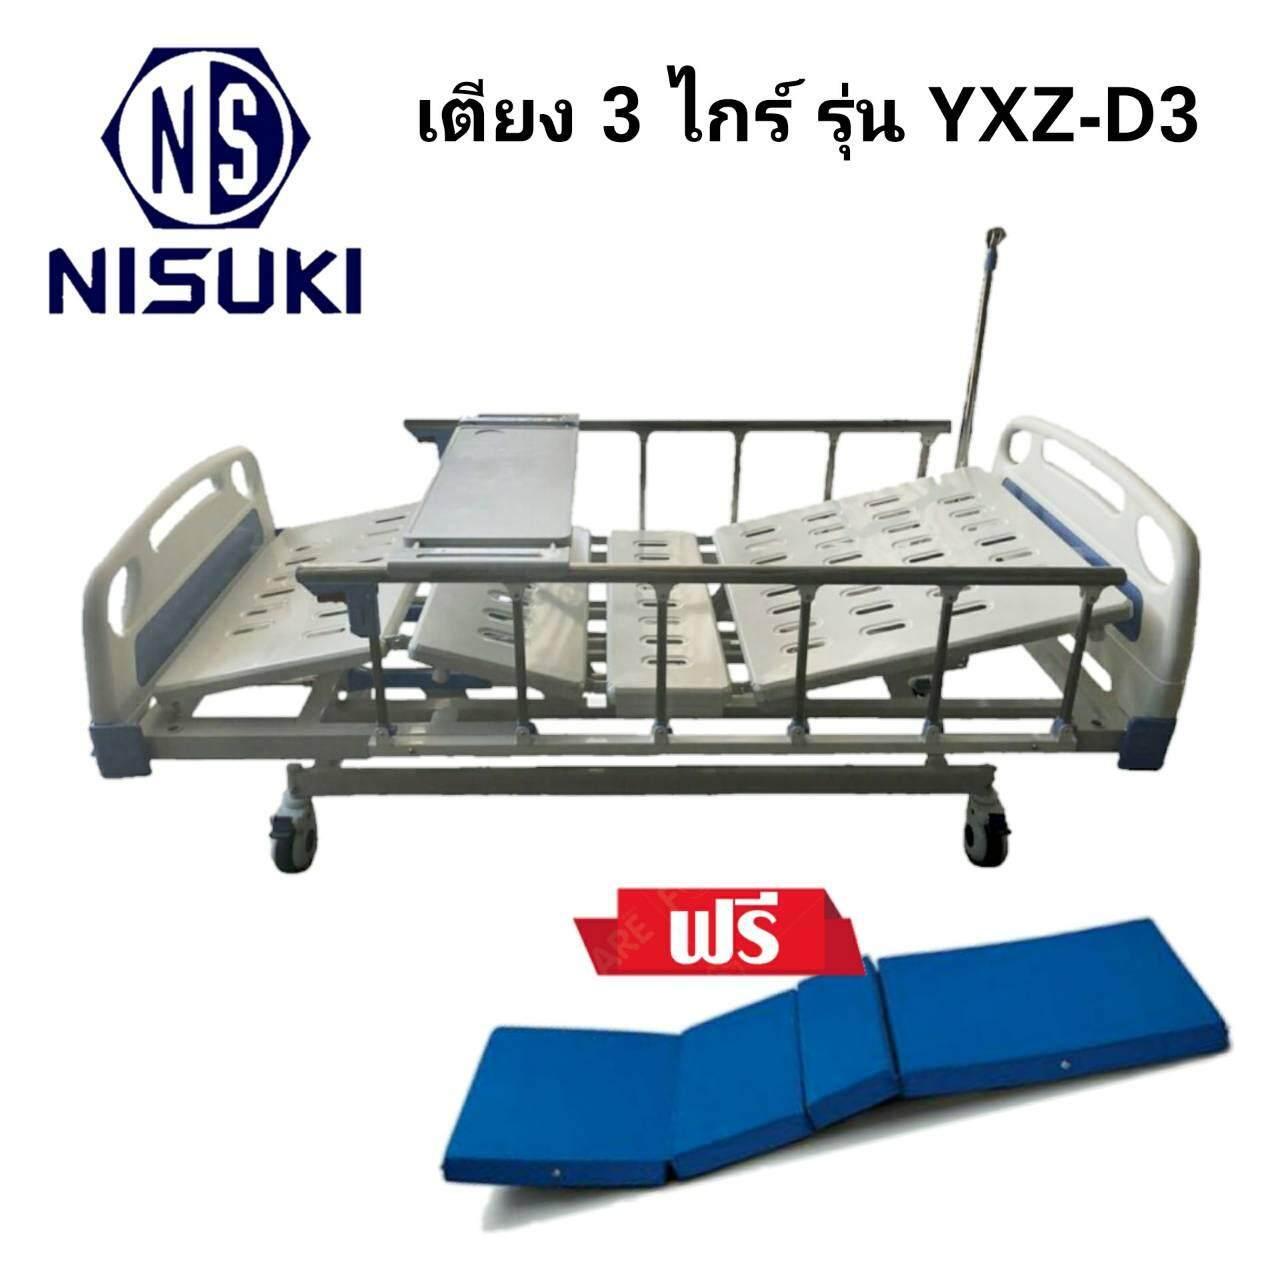 เตียงผู้ป่วย ระบบหมุมมือ 3 ไกร์ Yxz D3 พร้อมเบาะรอง.